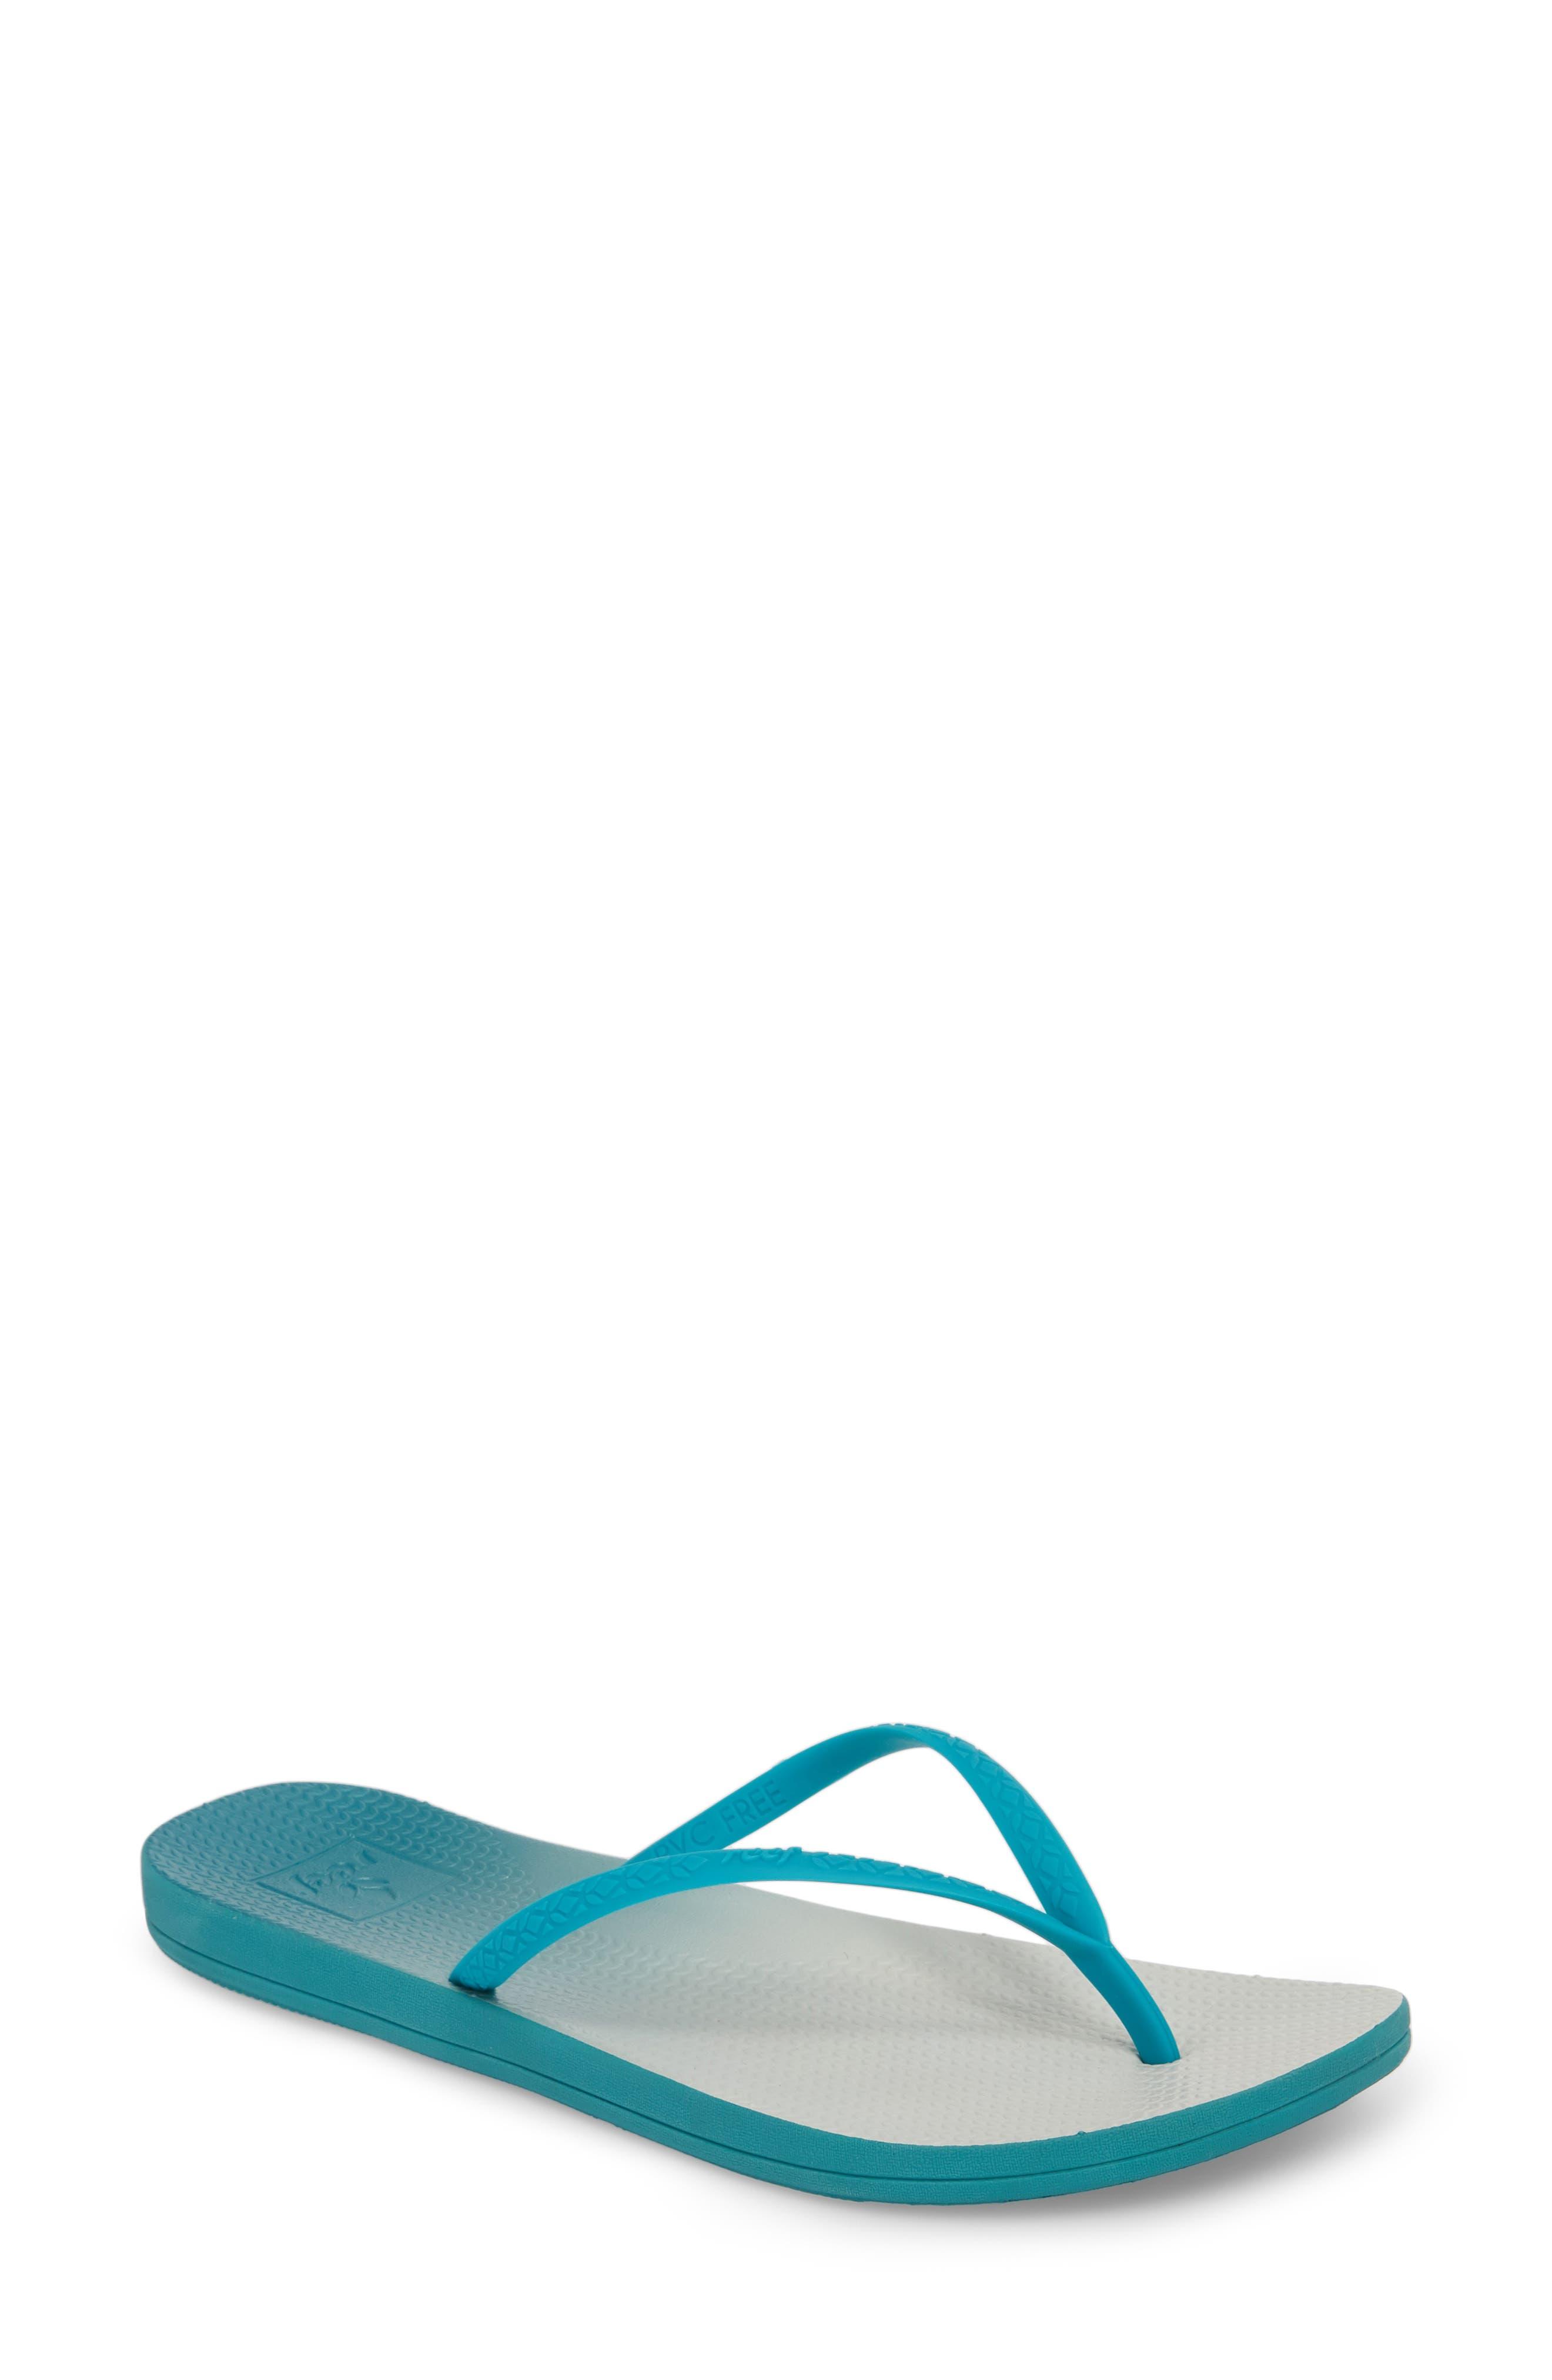 Main Image - Reef Escape Lux Flip Flop (Women)